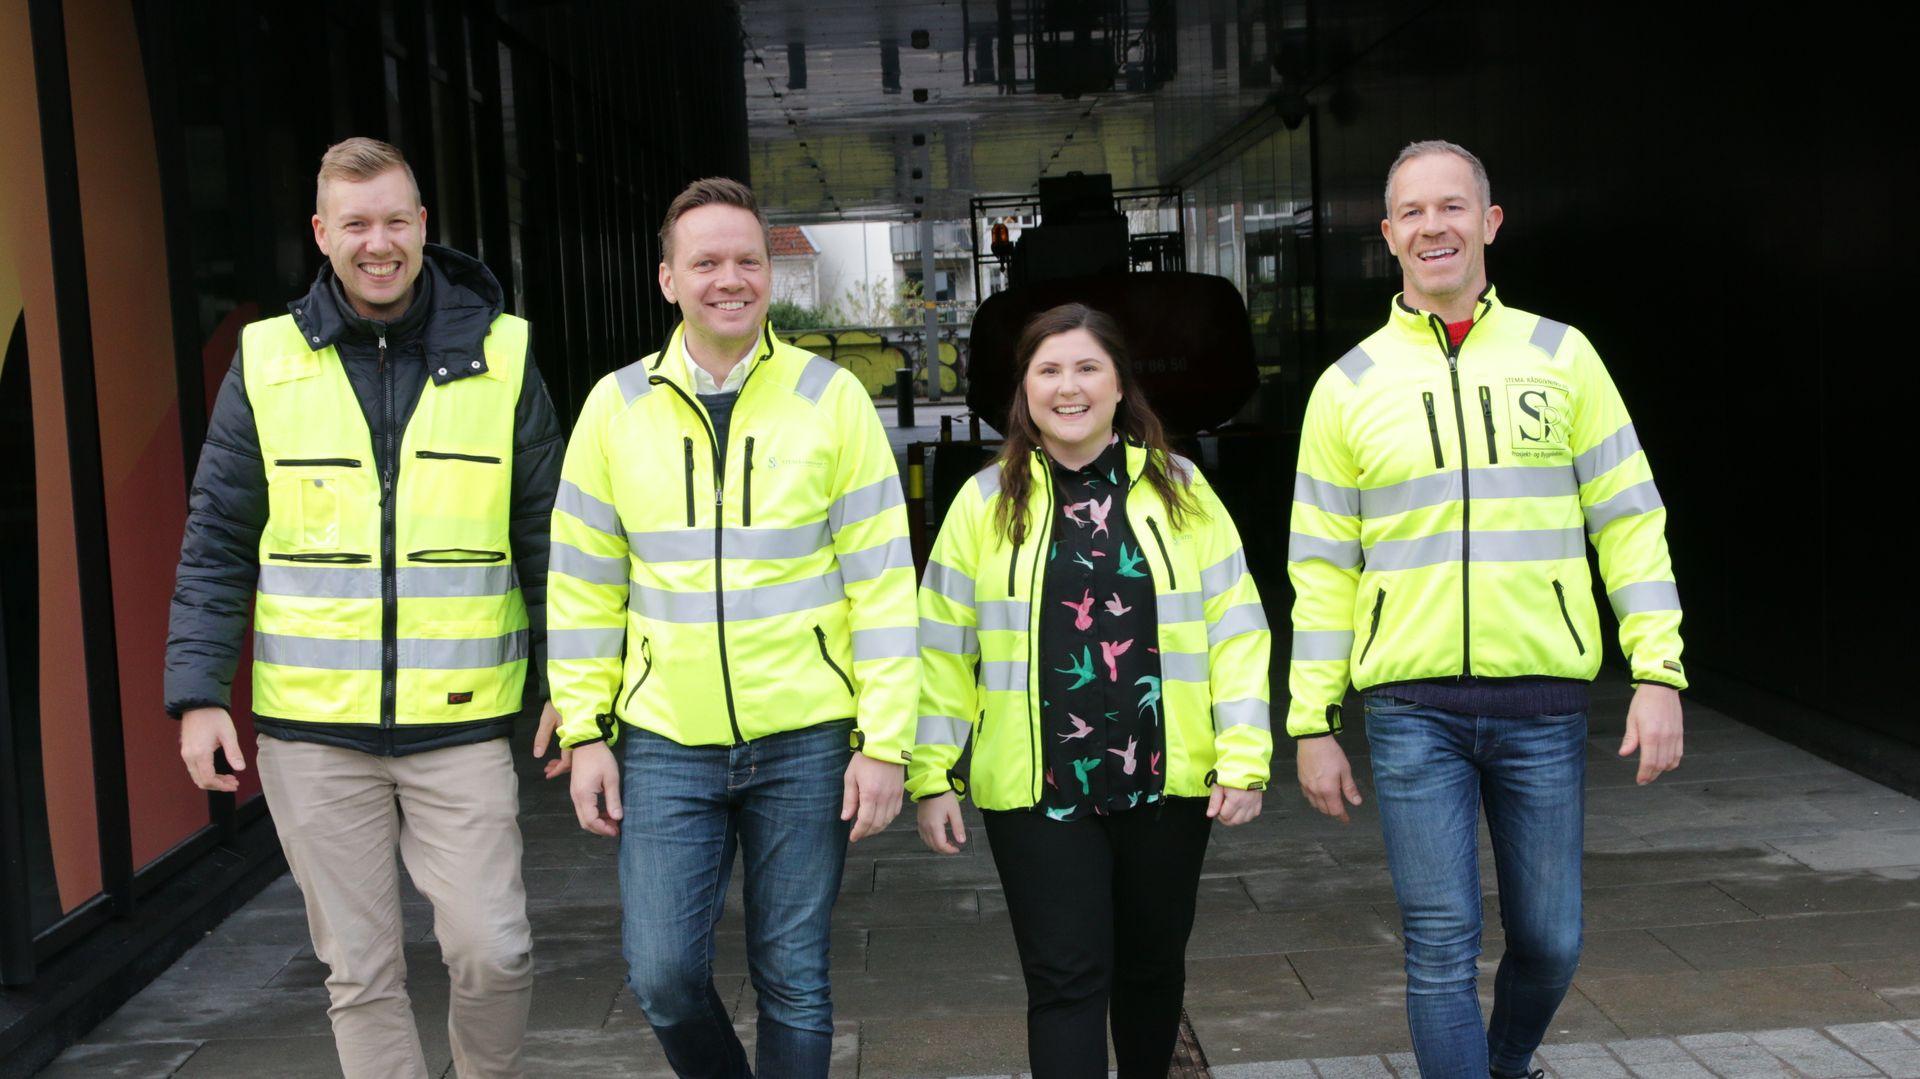 ANNONSE: Dette er teamet som skal gjøre byggebransjen tryggere